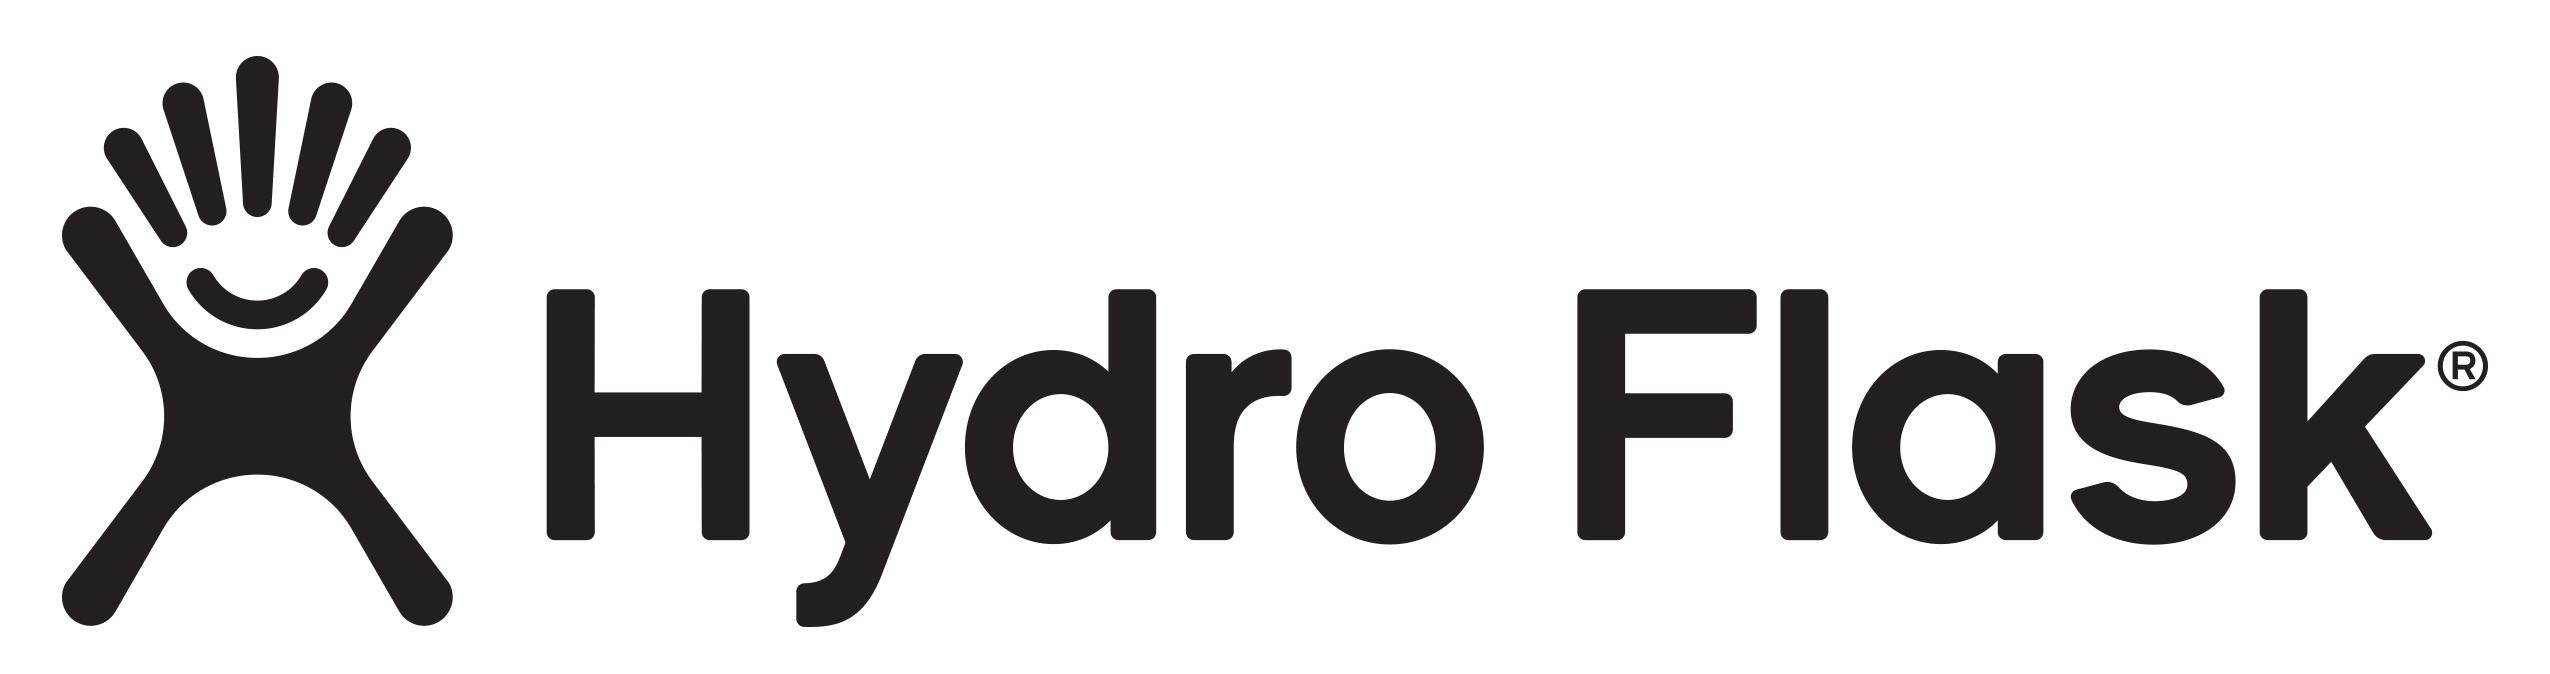 www.hydroflask.com